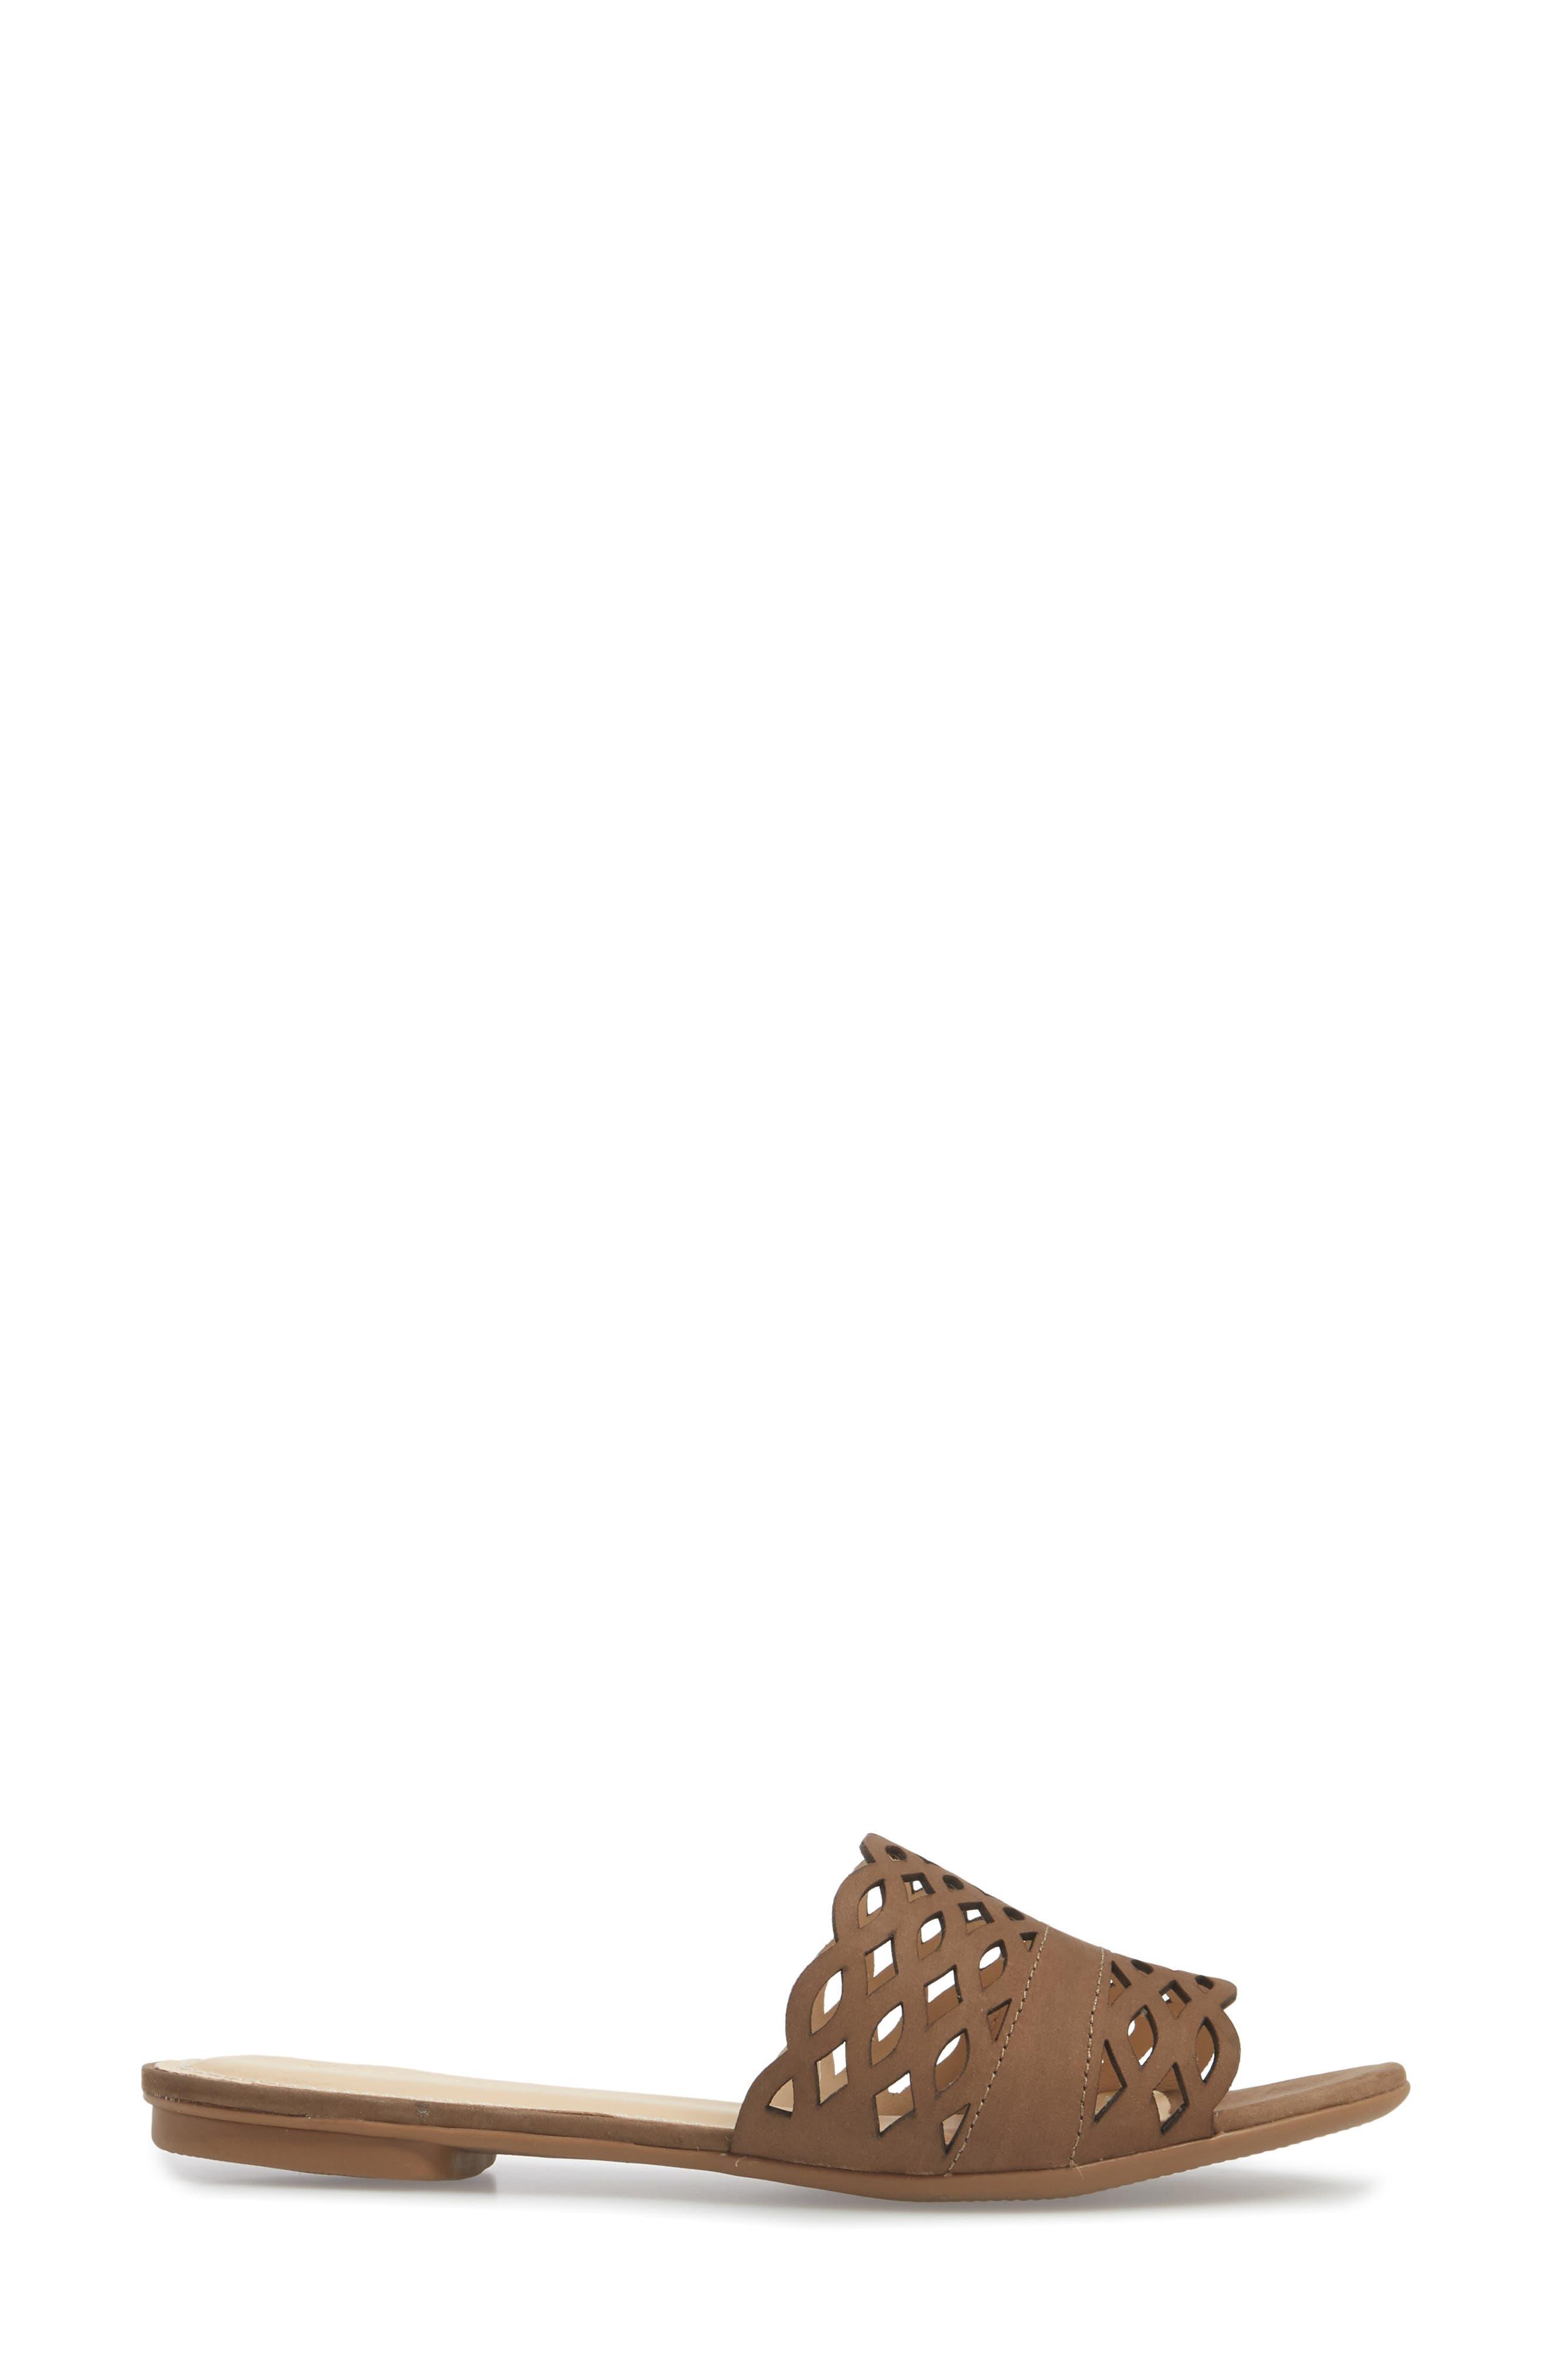 Gynne Slide Sandal,                             Alternate thumbnail 3, color,                             Truffle Leather